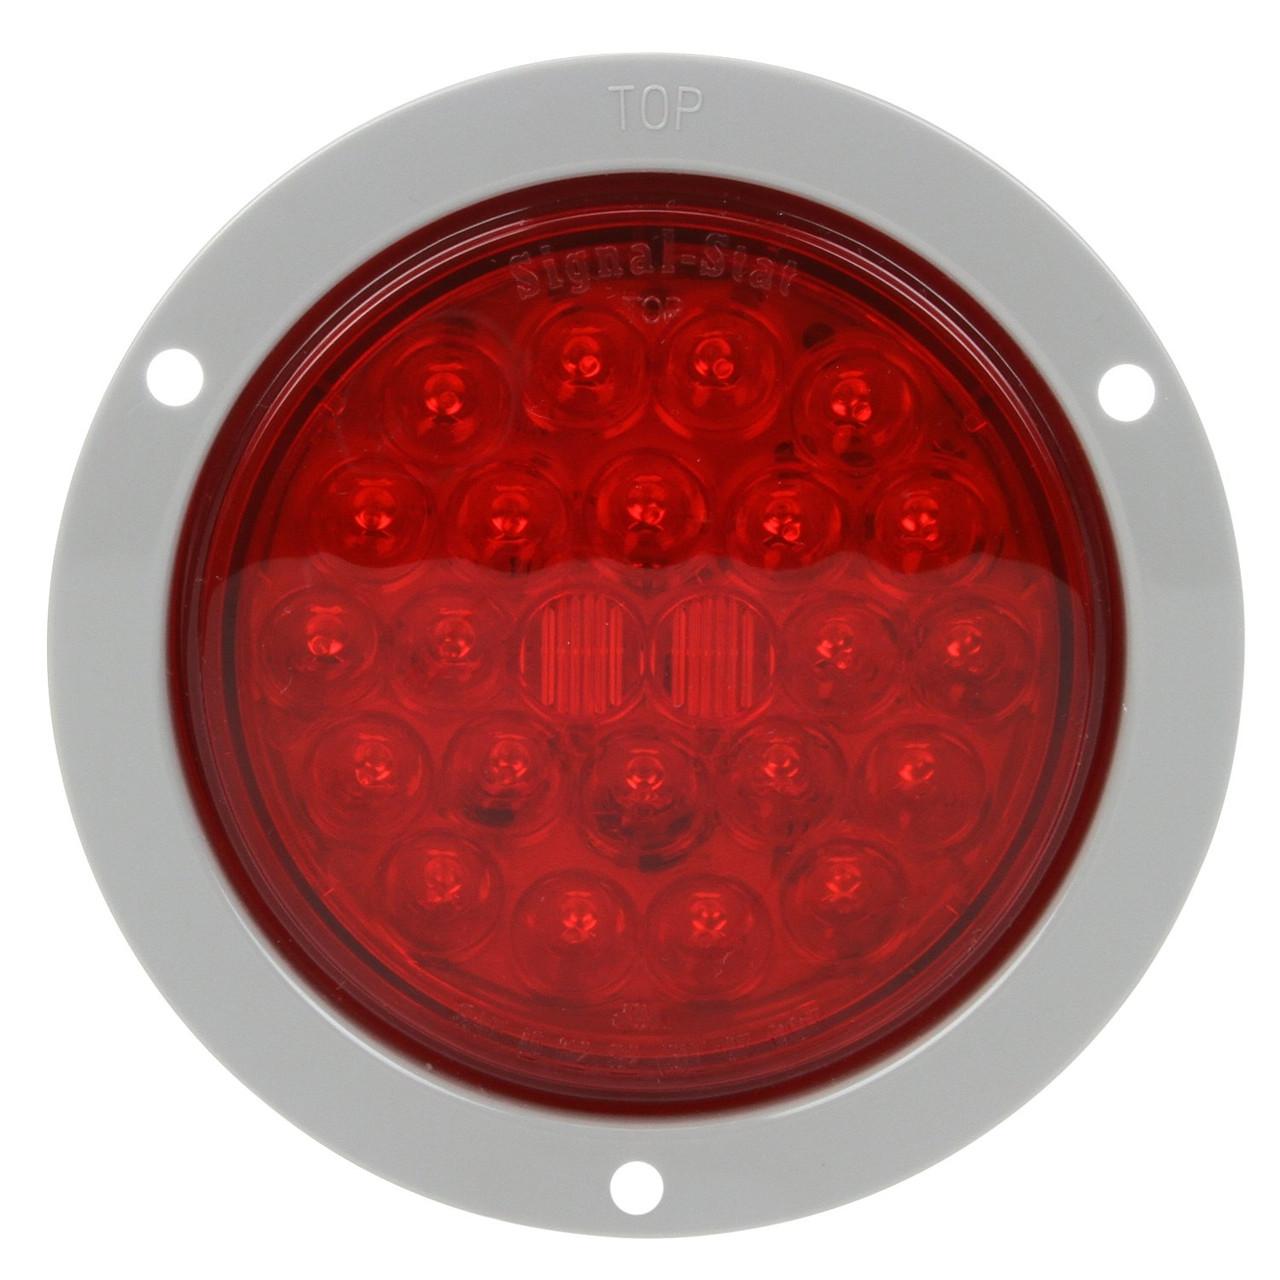 7 Truck lite 4050 lights